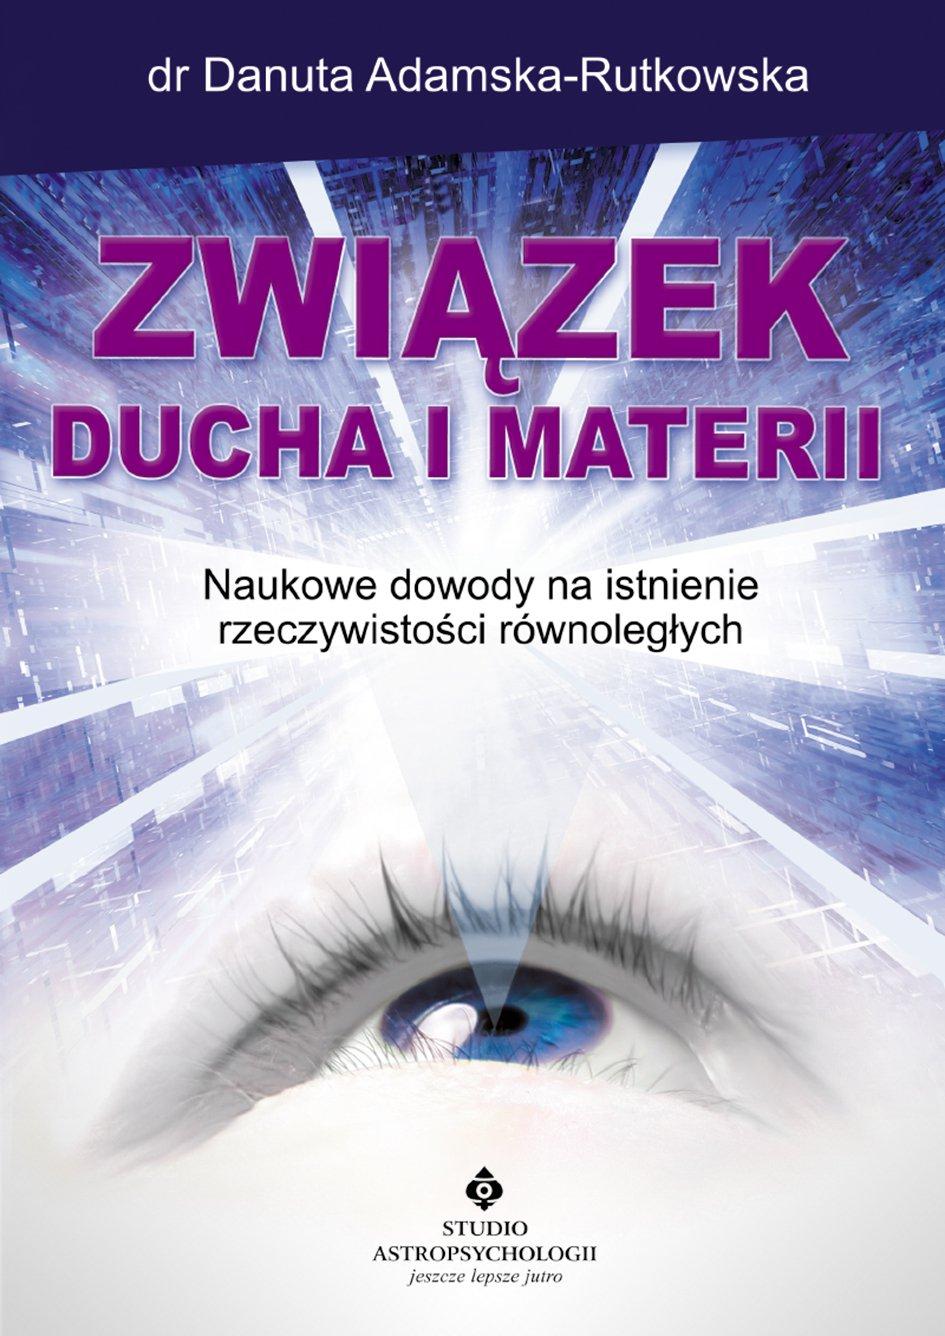 Związek ducha i materii. Naukowe dowody na istnienie rzeczywistości równoległych - Ebook (Książka EPUB) do pobrania w formacie EPUB